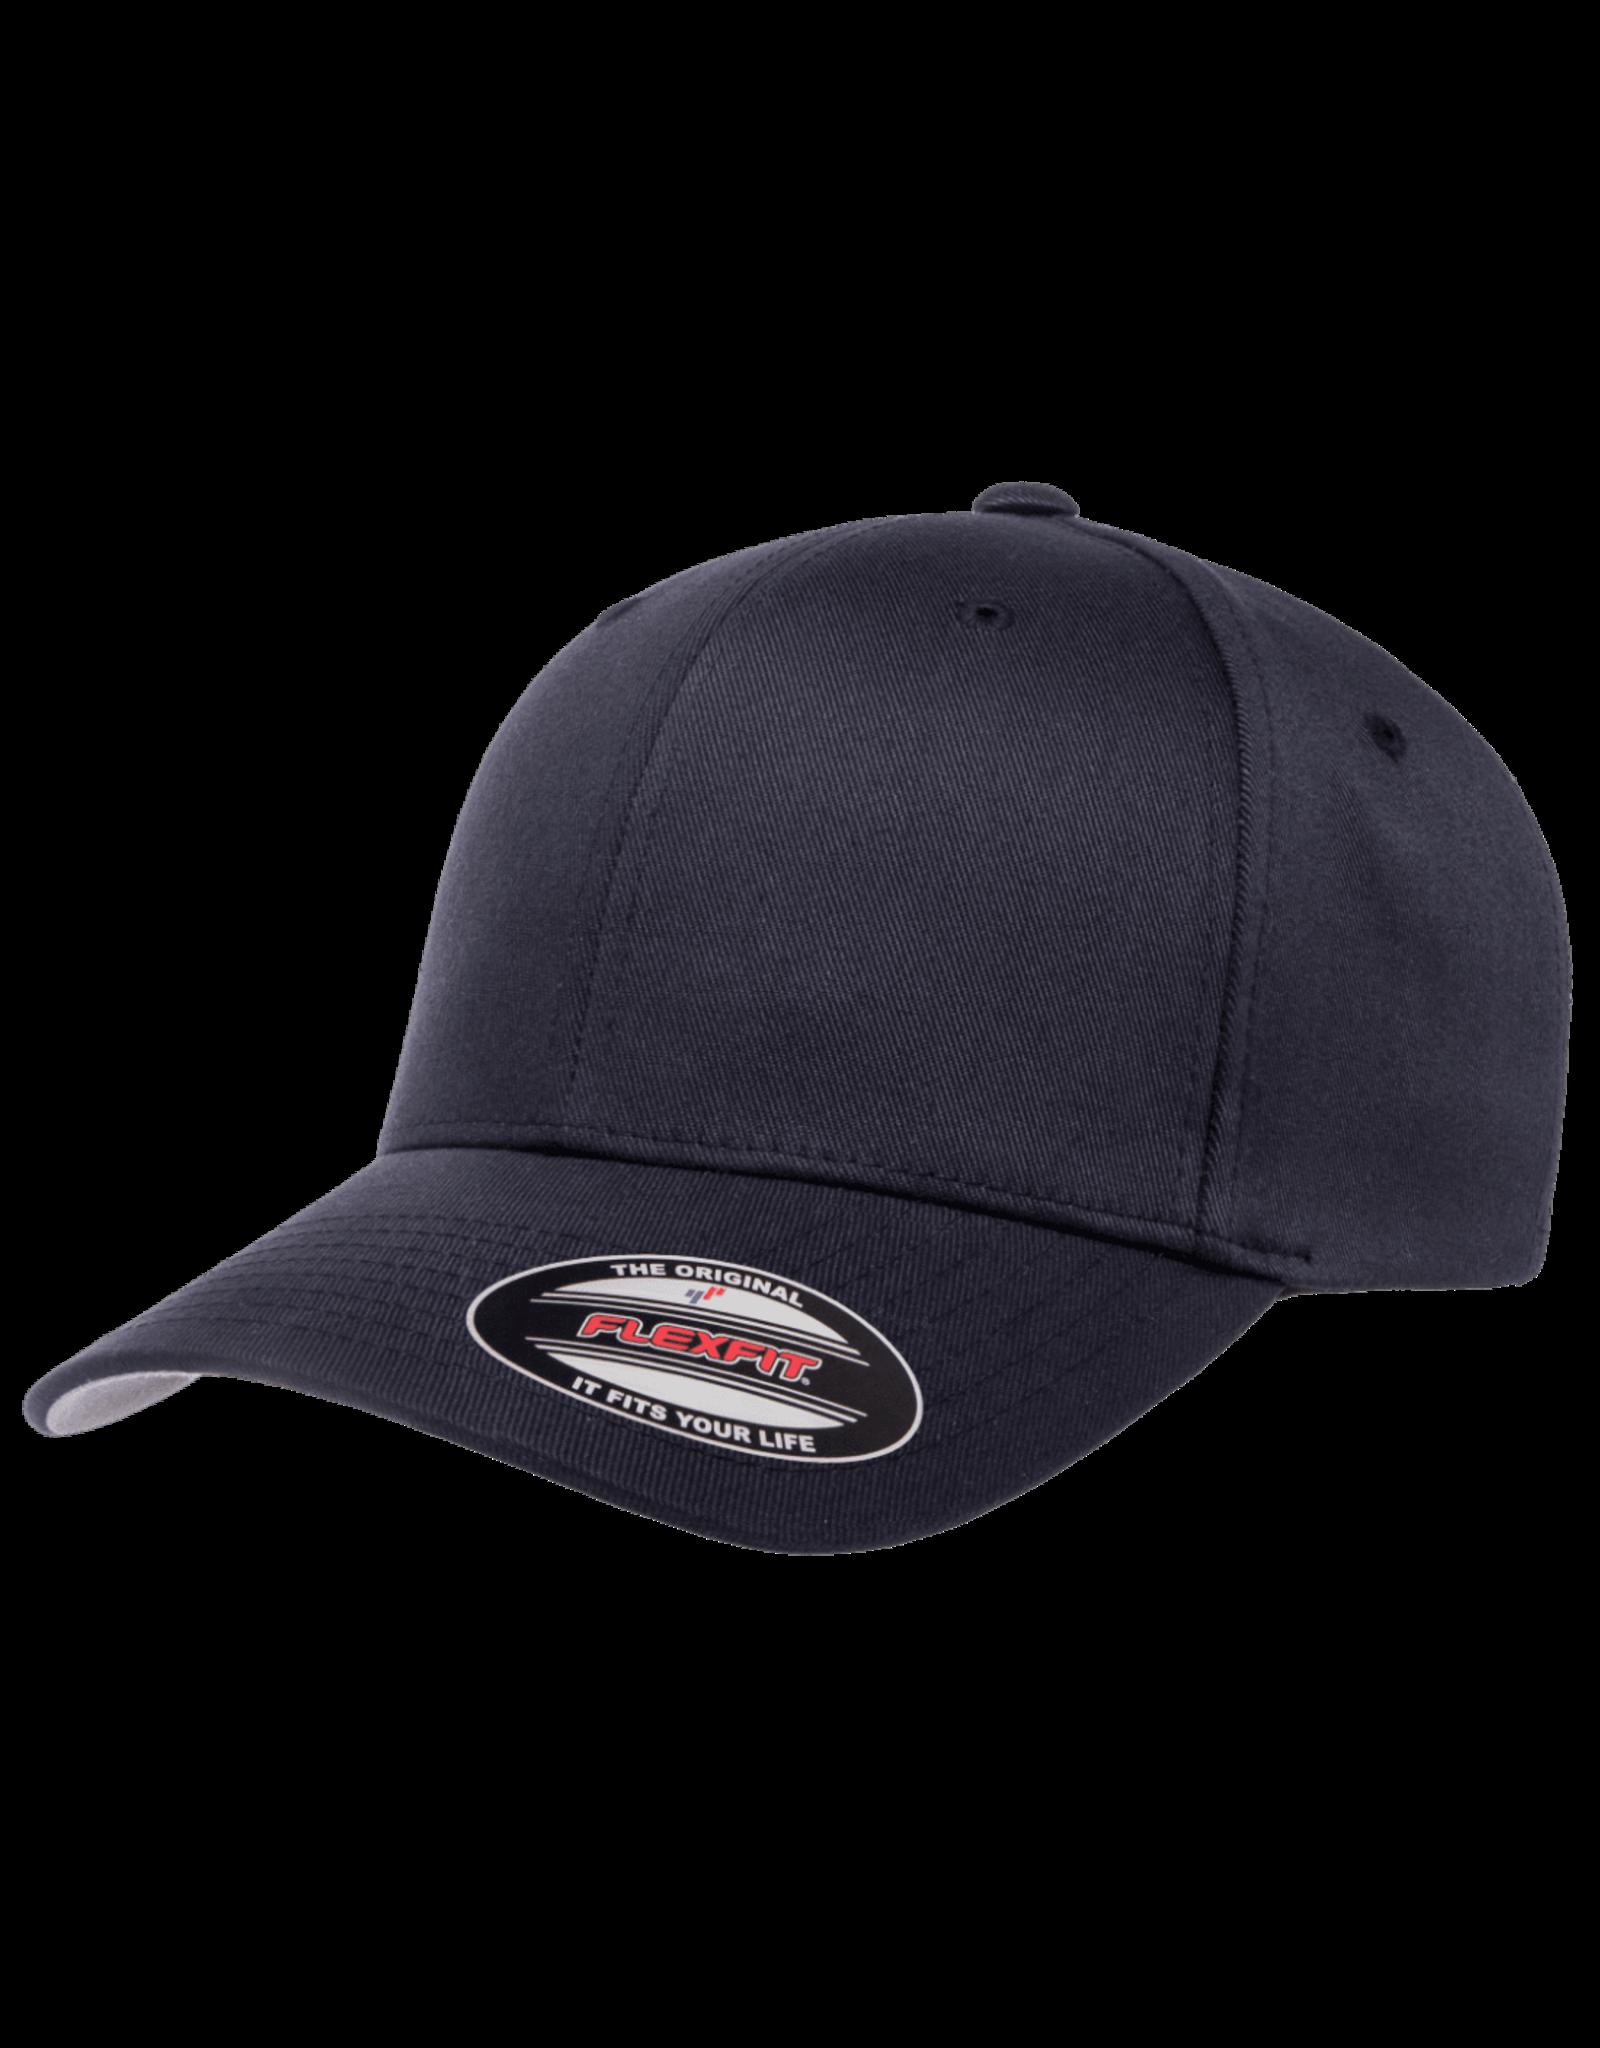 Flexfit Flexfit 6277 Wooly Combed Cap - 6 Colors